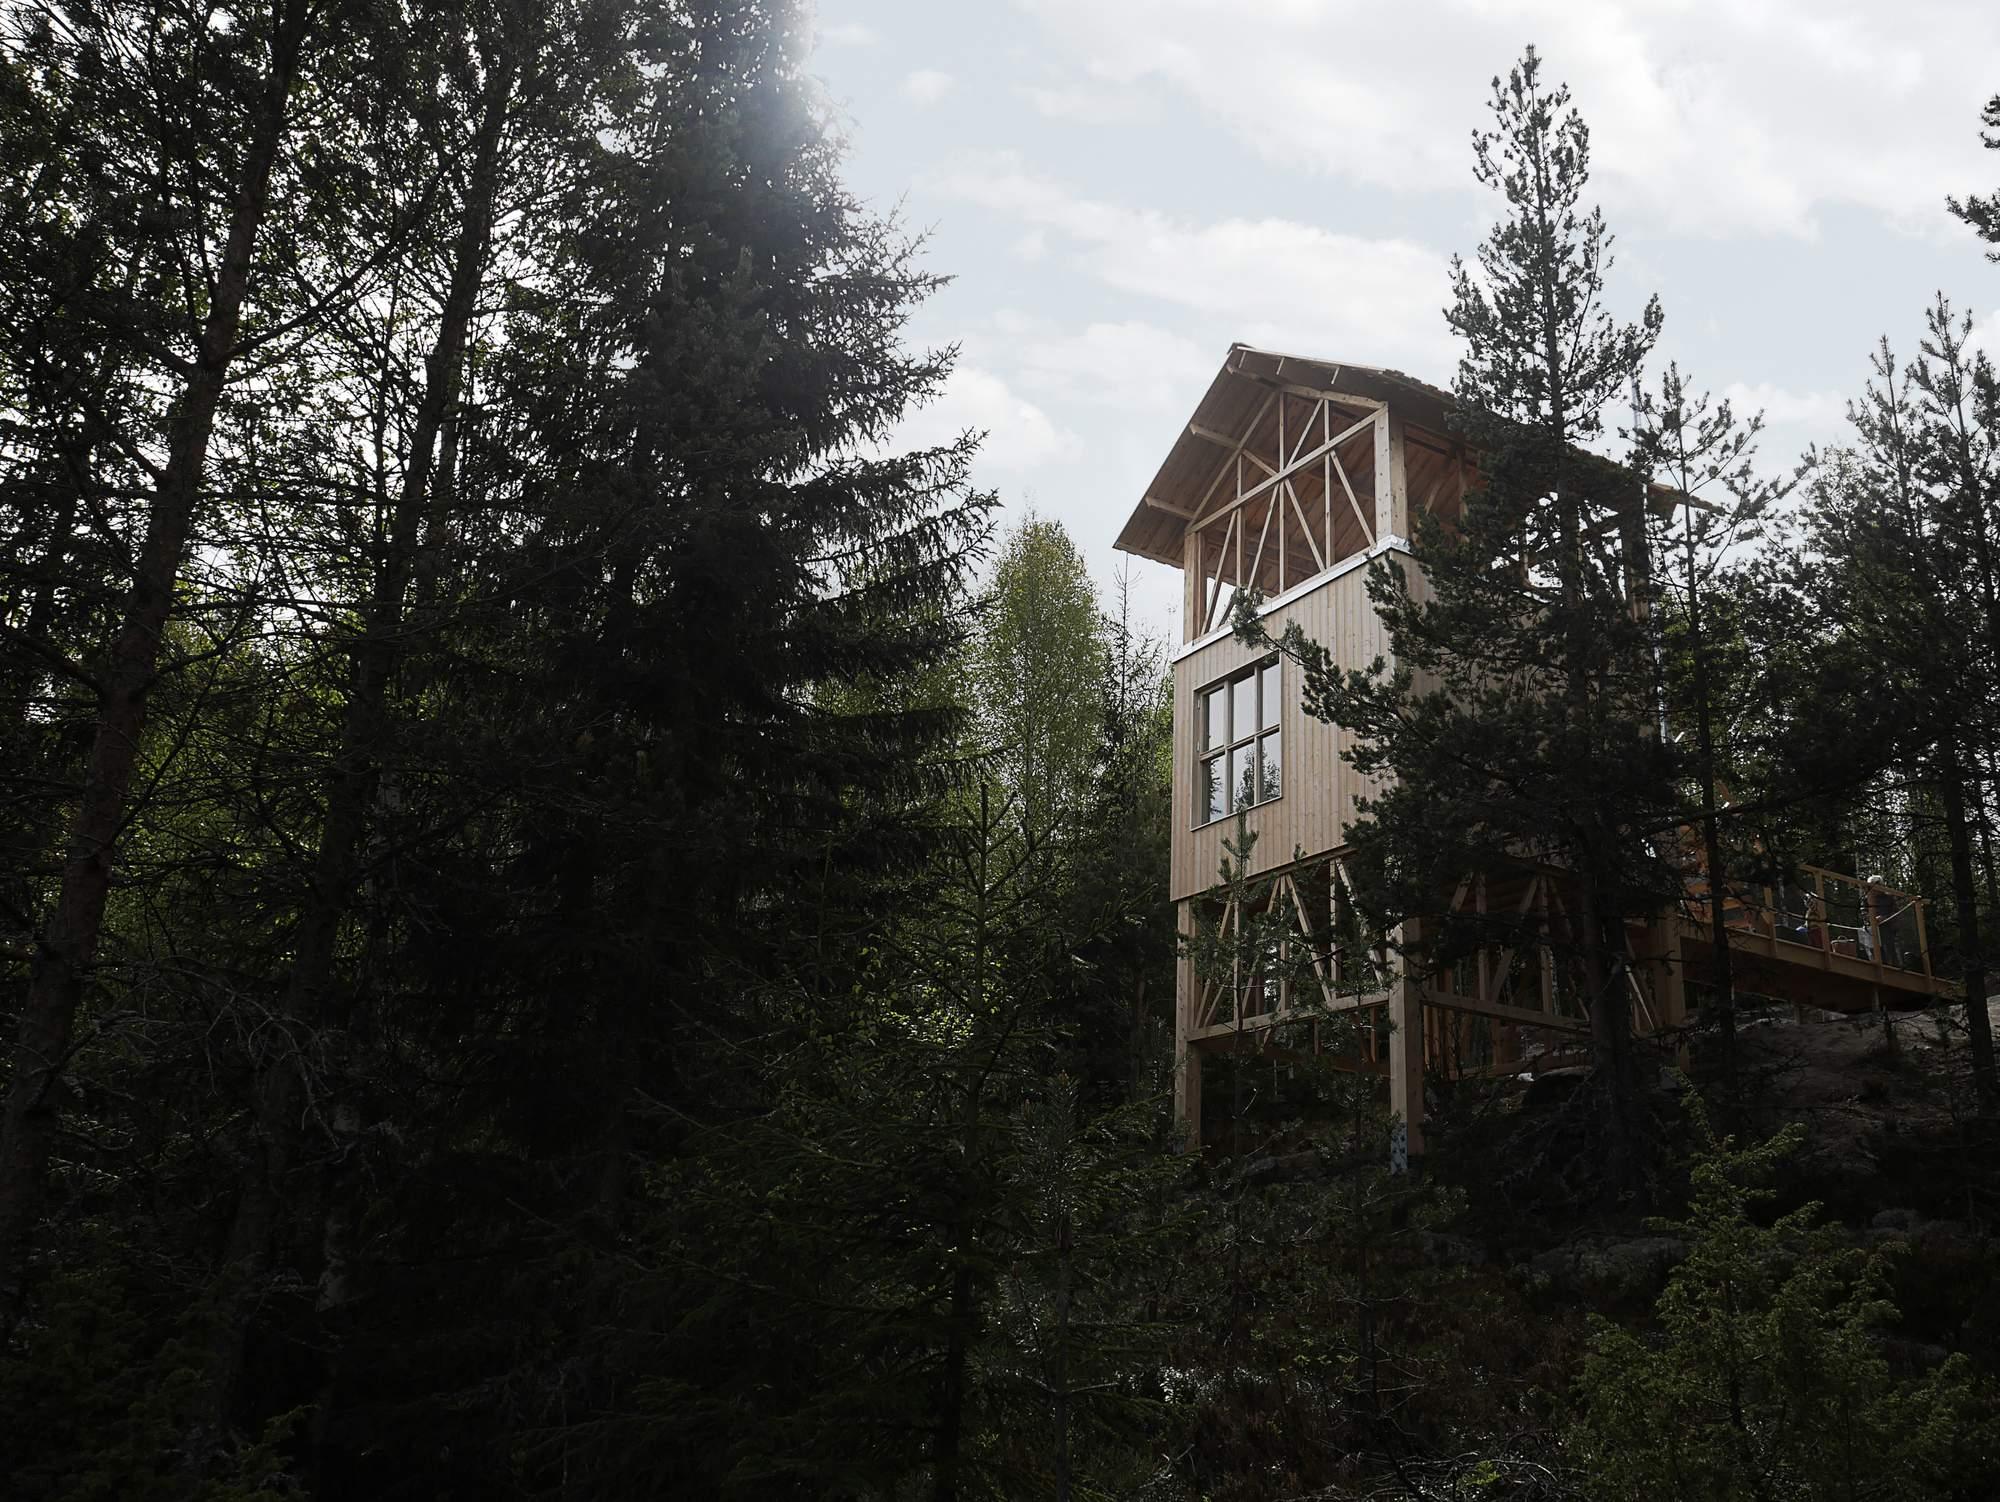 Ландшафтный отель в Швеции